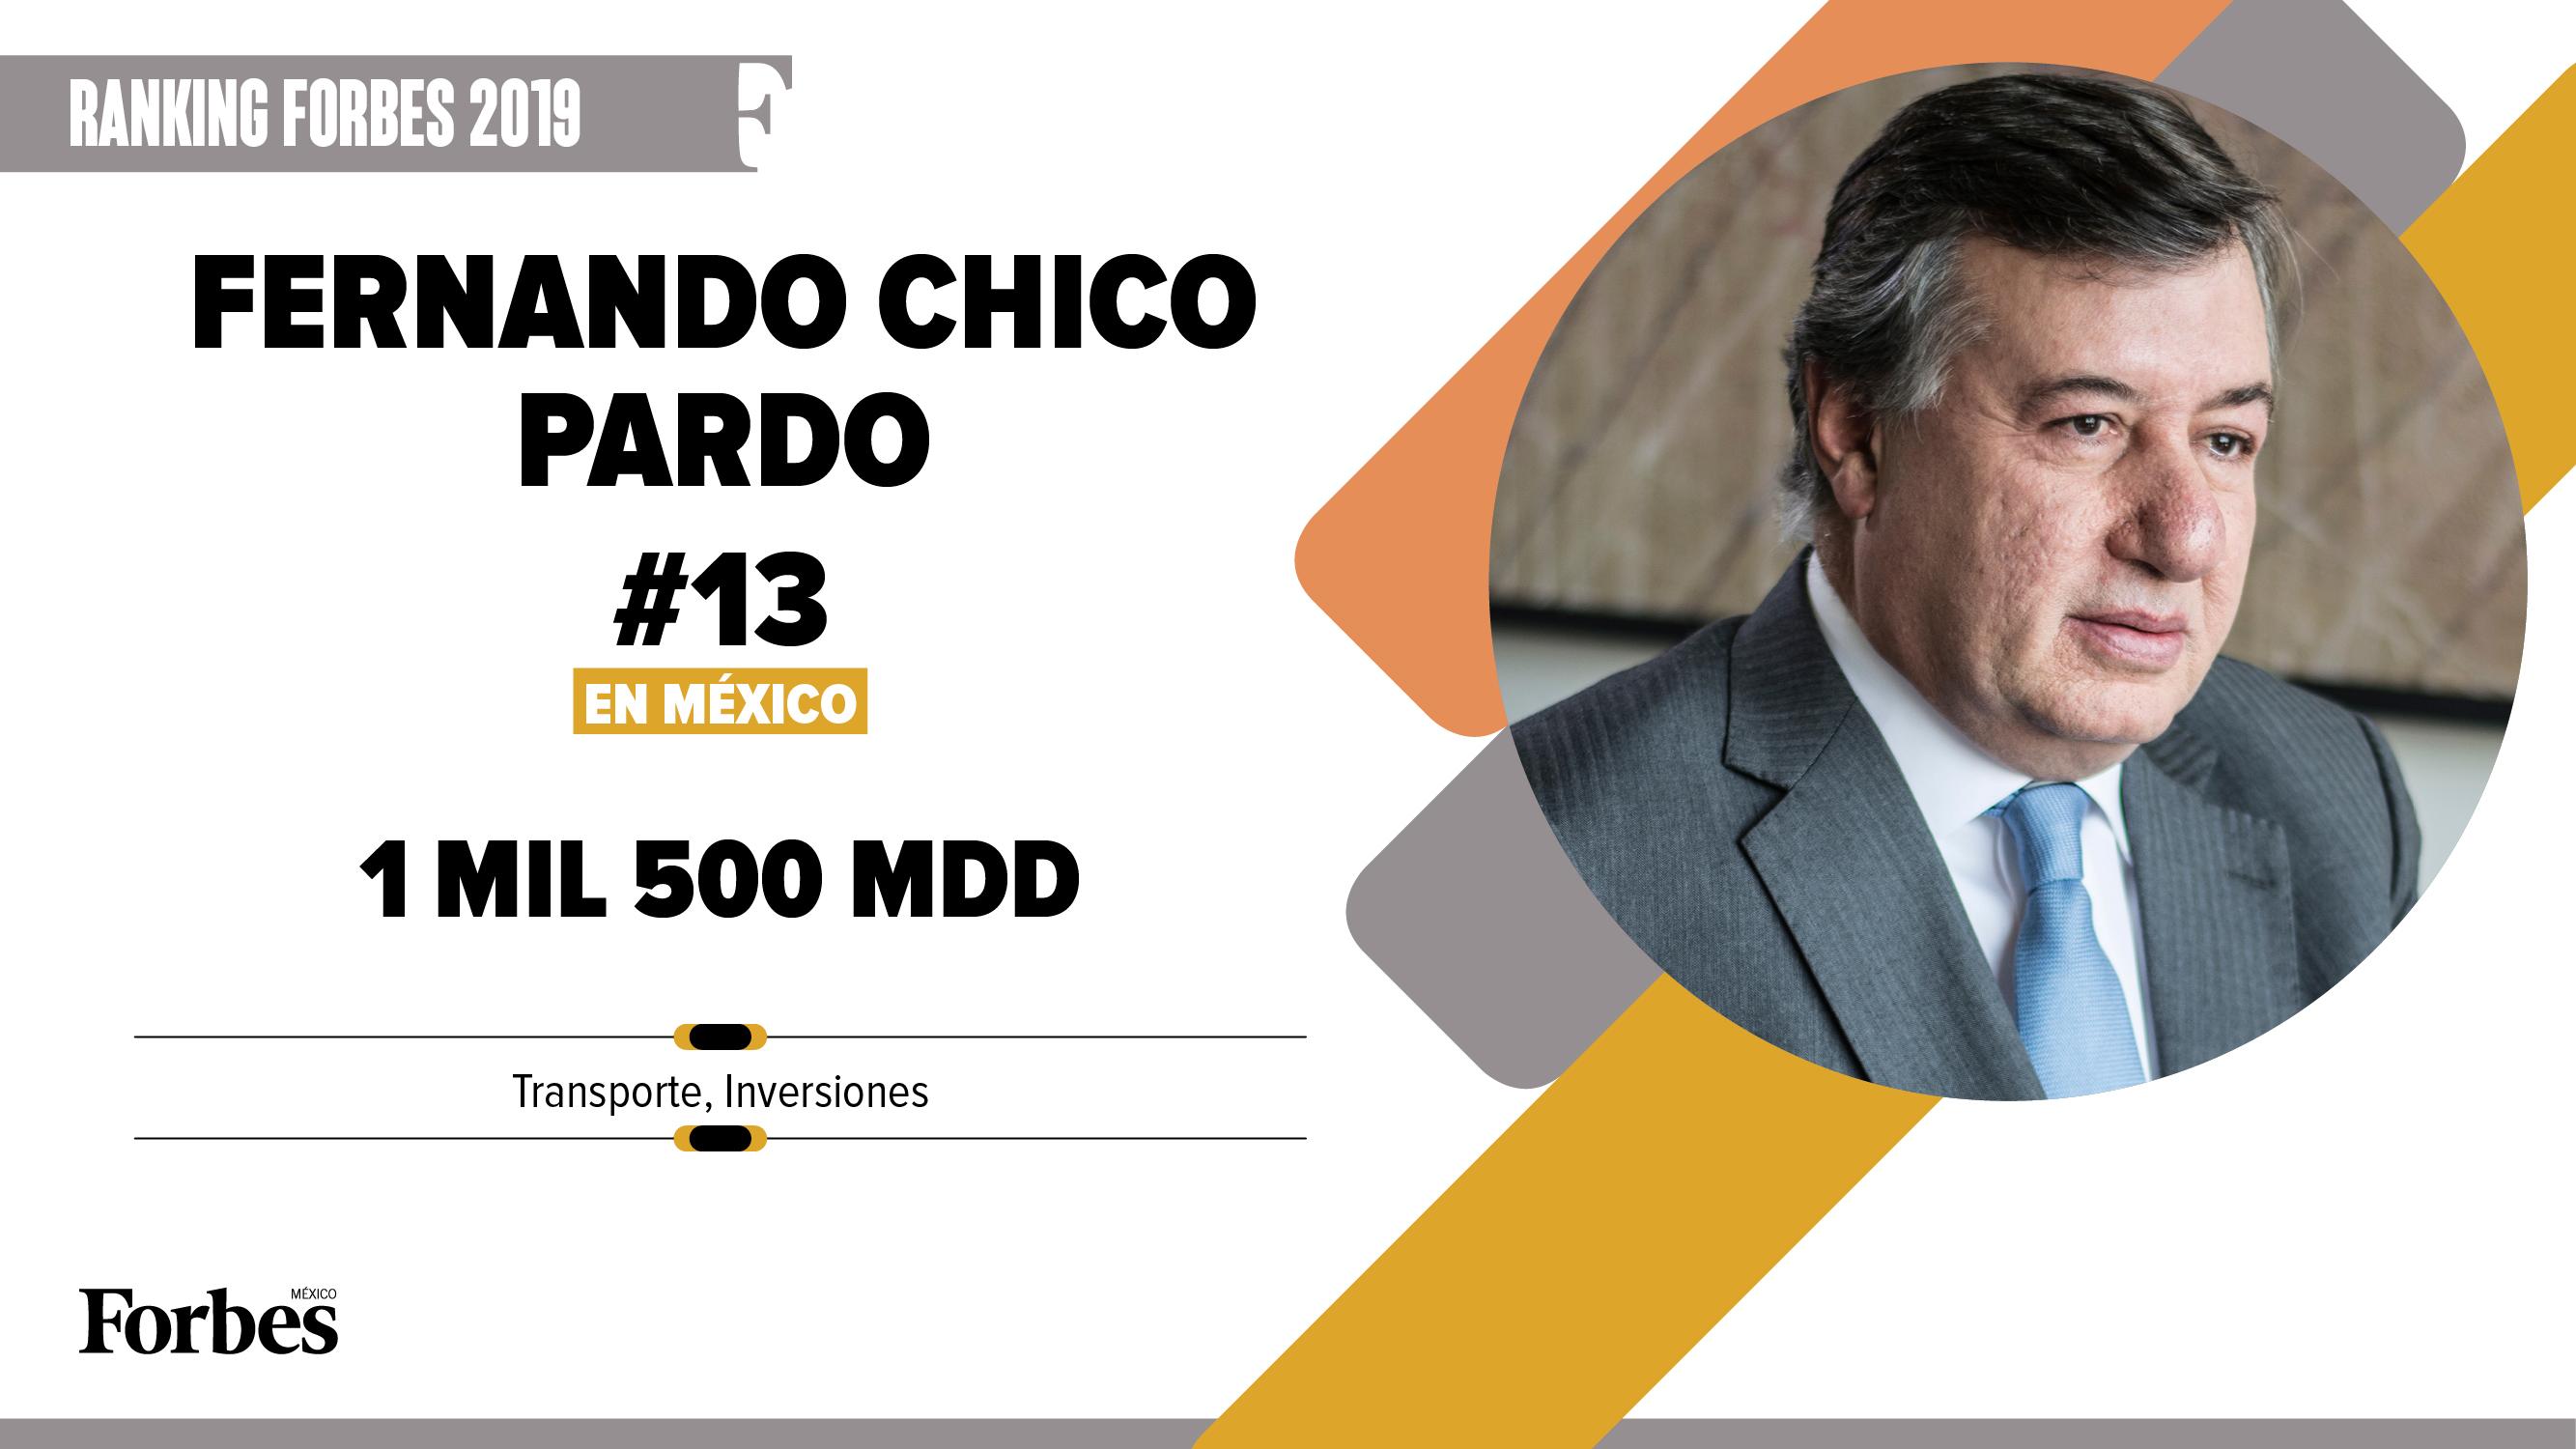 Billionaires 2019 | Fernando Chico Pardo, vía directa a los más ricos